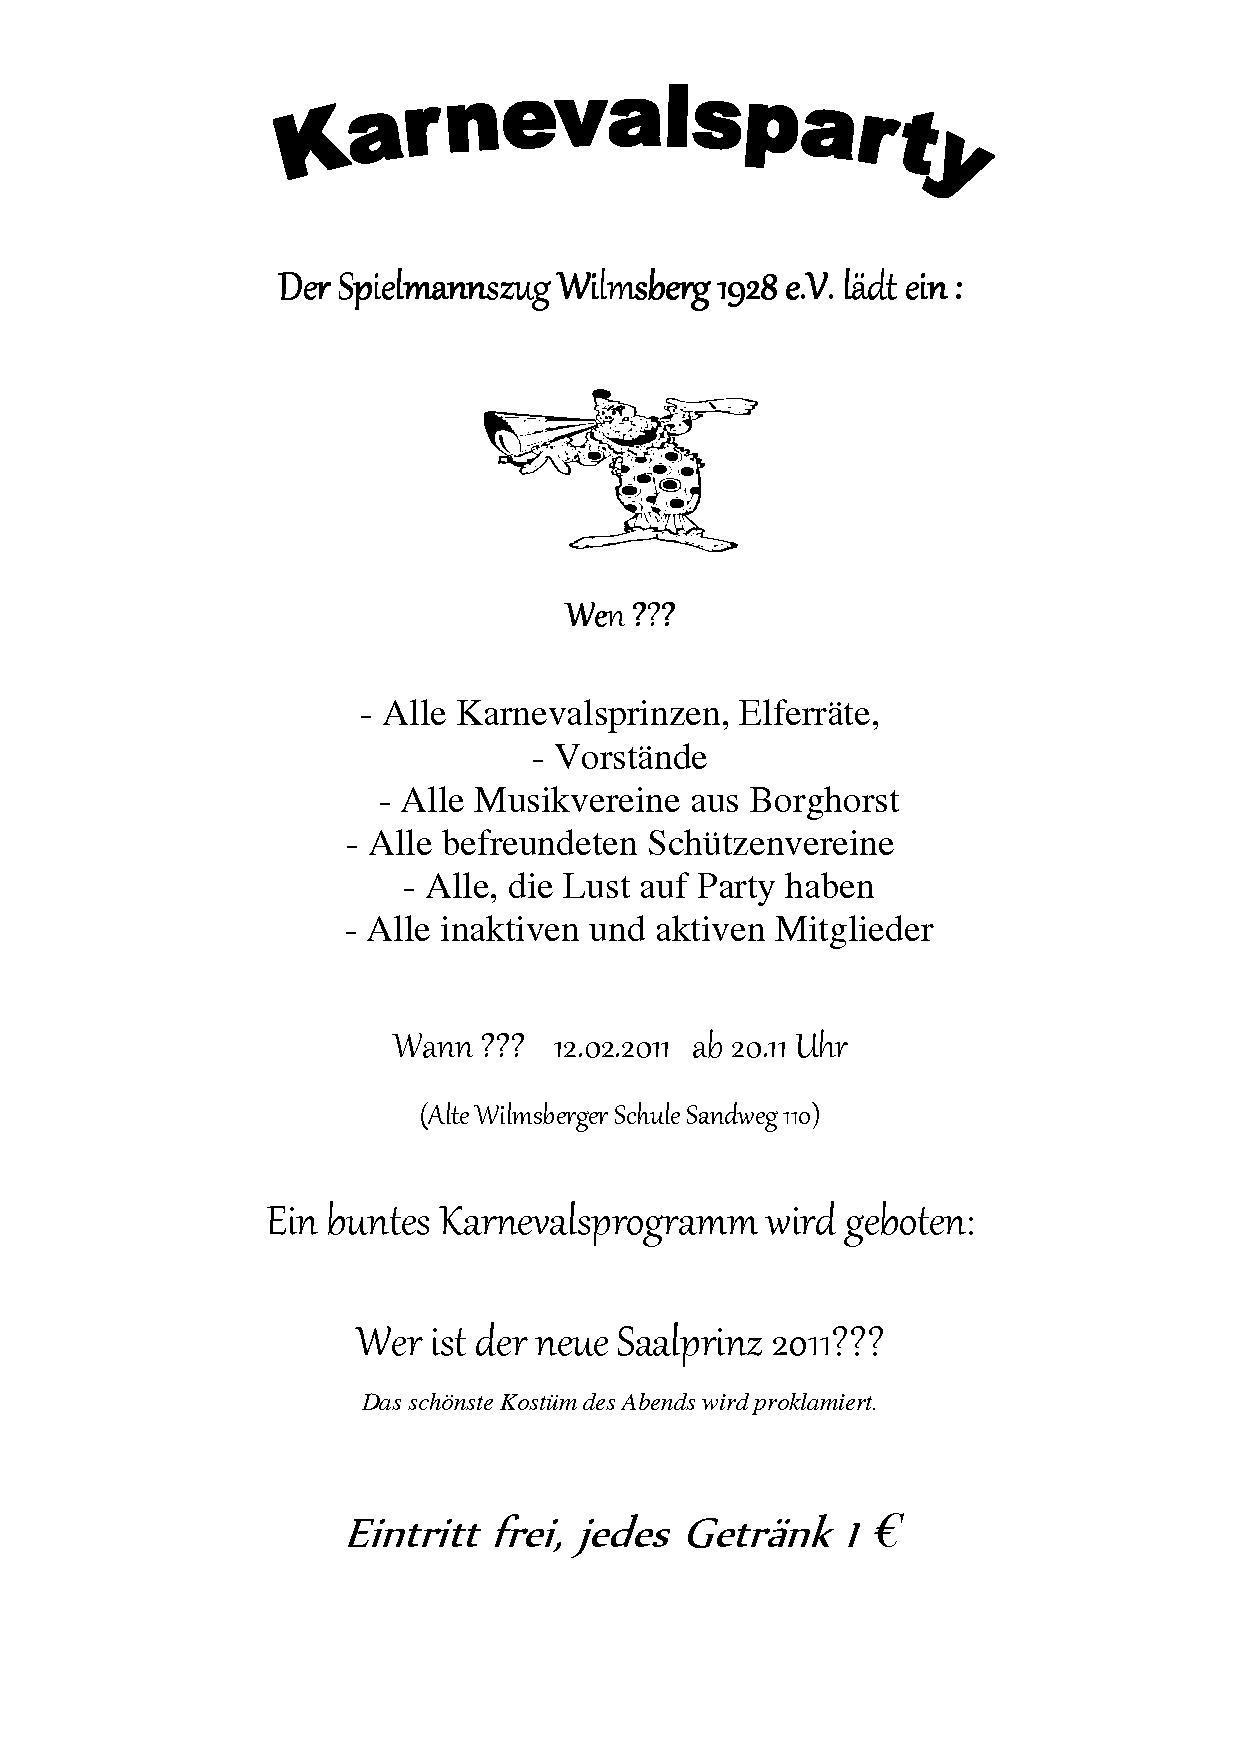 2011 Einladung zum Karneval Spielmannszug Wilmsberg 1928 e. V.